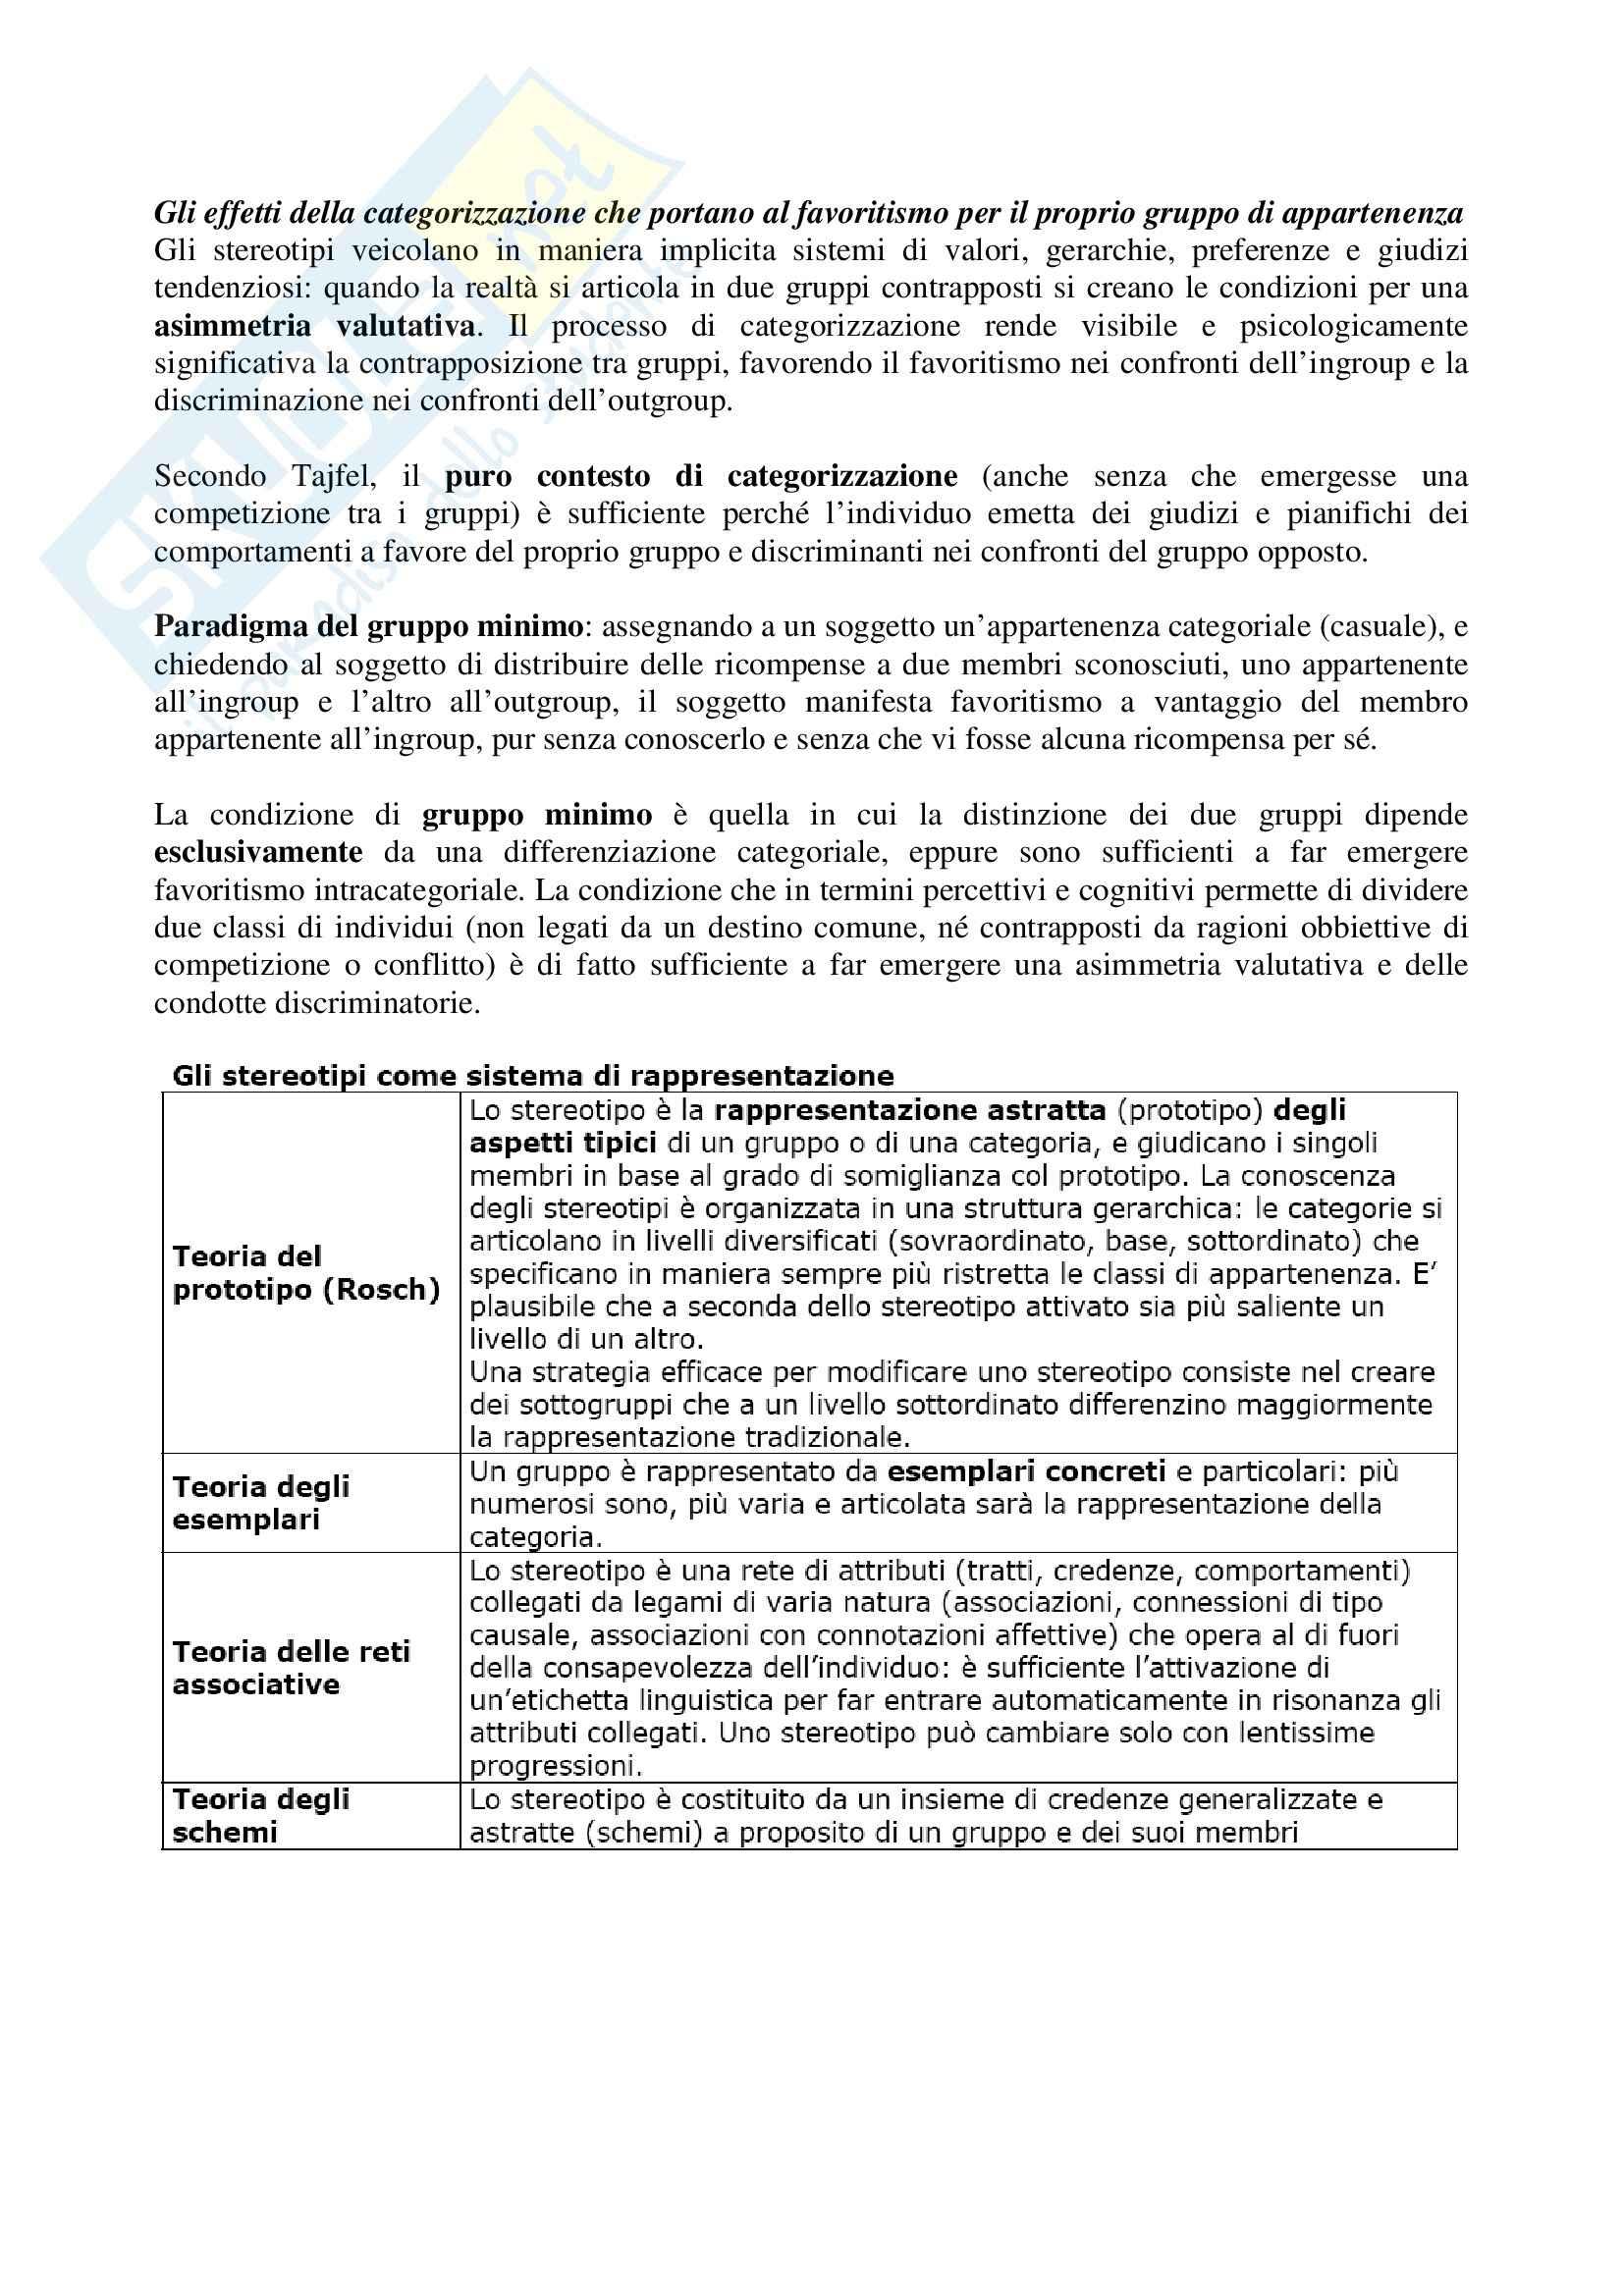 Riassunto esame Psicologia, testo consigliato Gli stereotipi, Arcuri, Cadinu Pag. 11